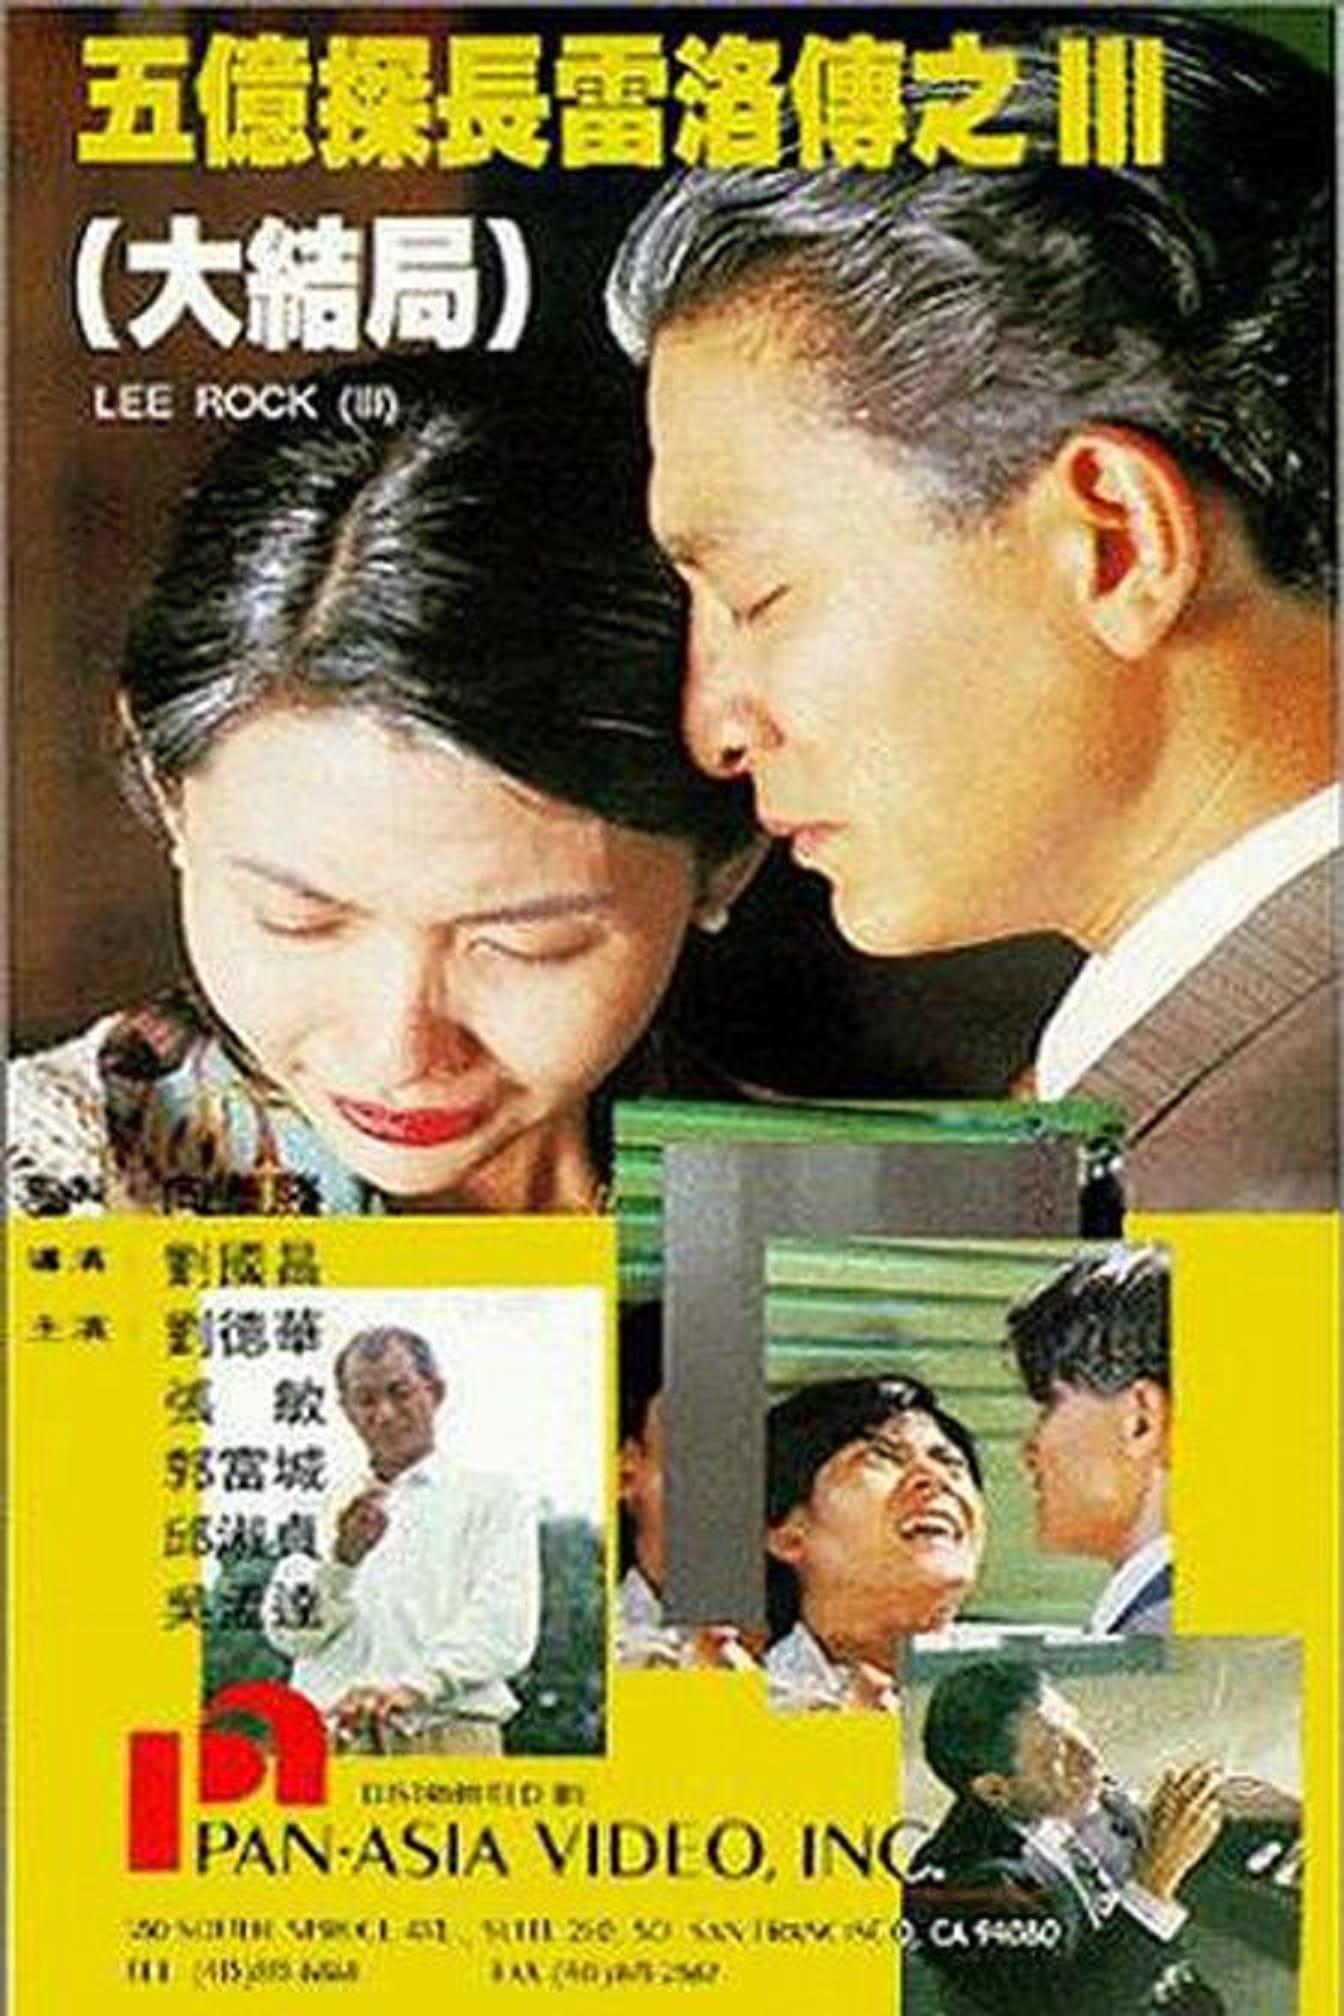 Lee Rock III